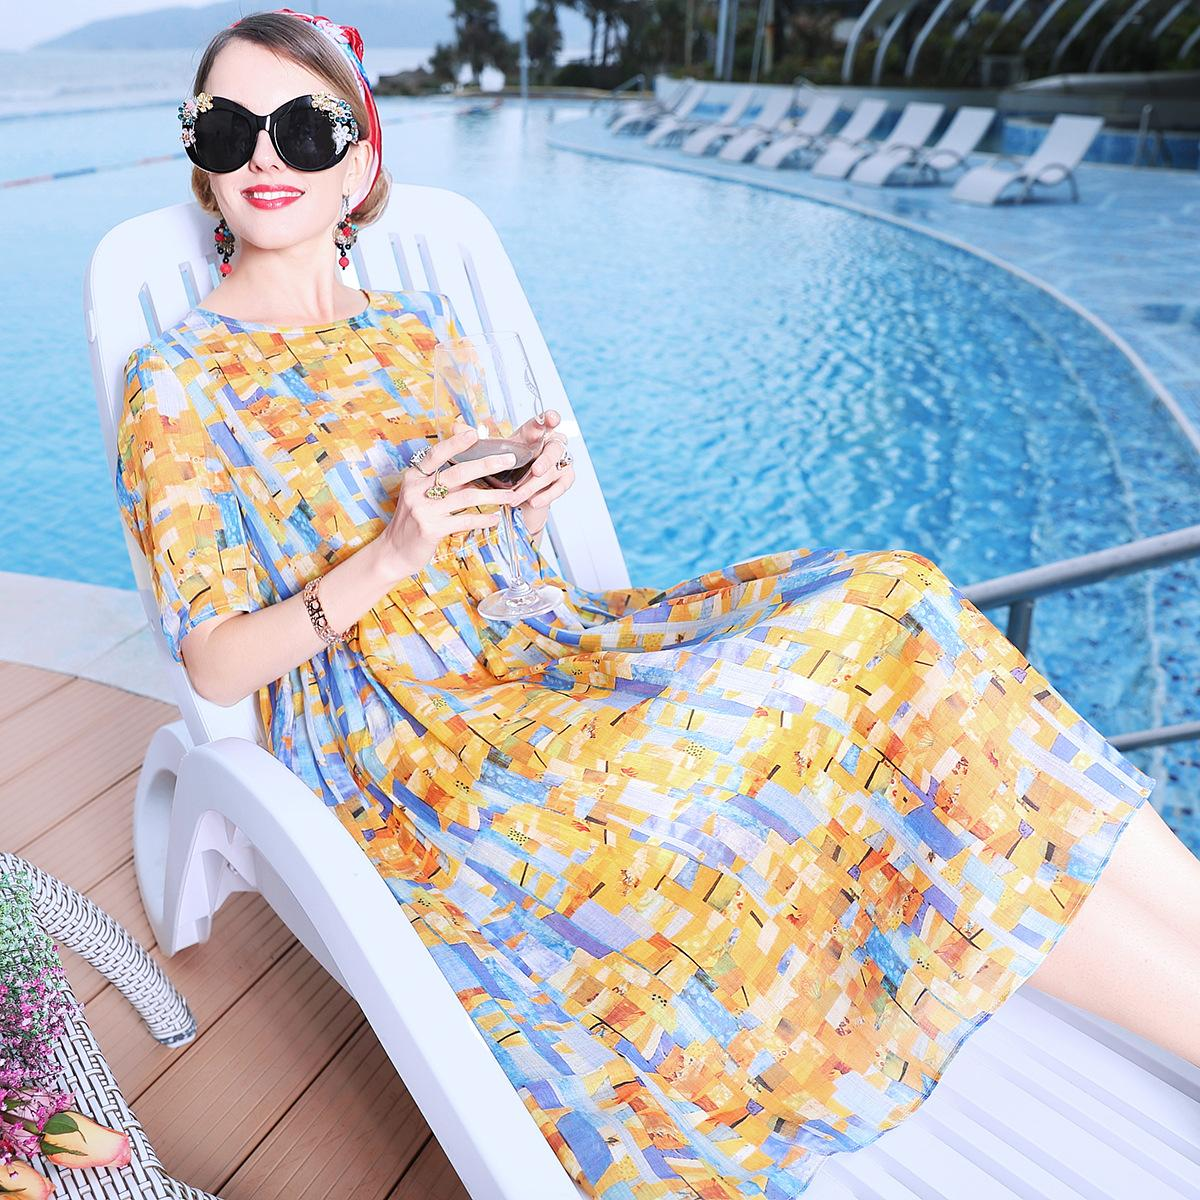 Blue Sky Kelebek Çiçek Elbise İlkbahar ve Yaz 9022 2019 Yeni Gevşek İnce Doll Rami Mediumlength Etek